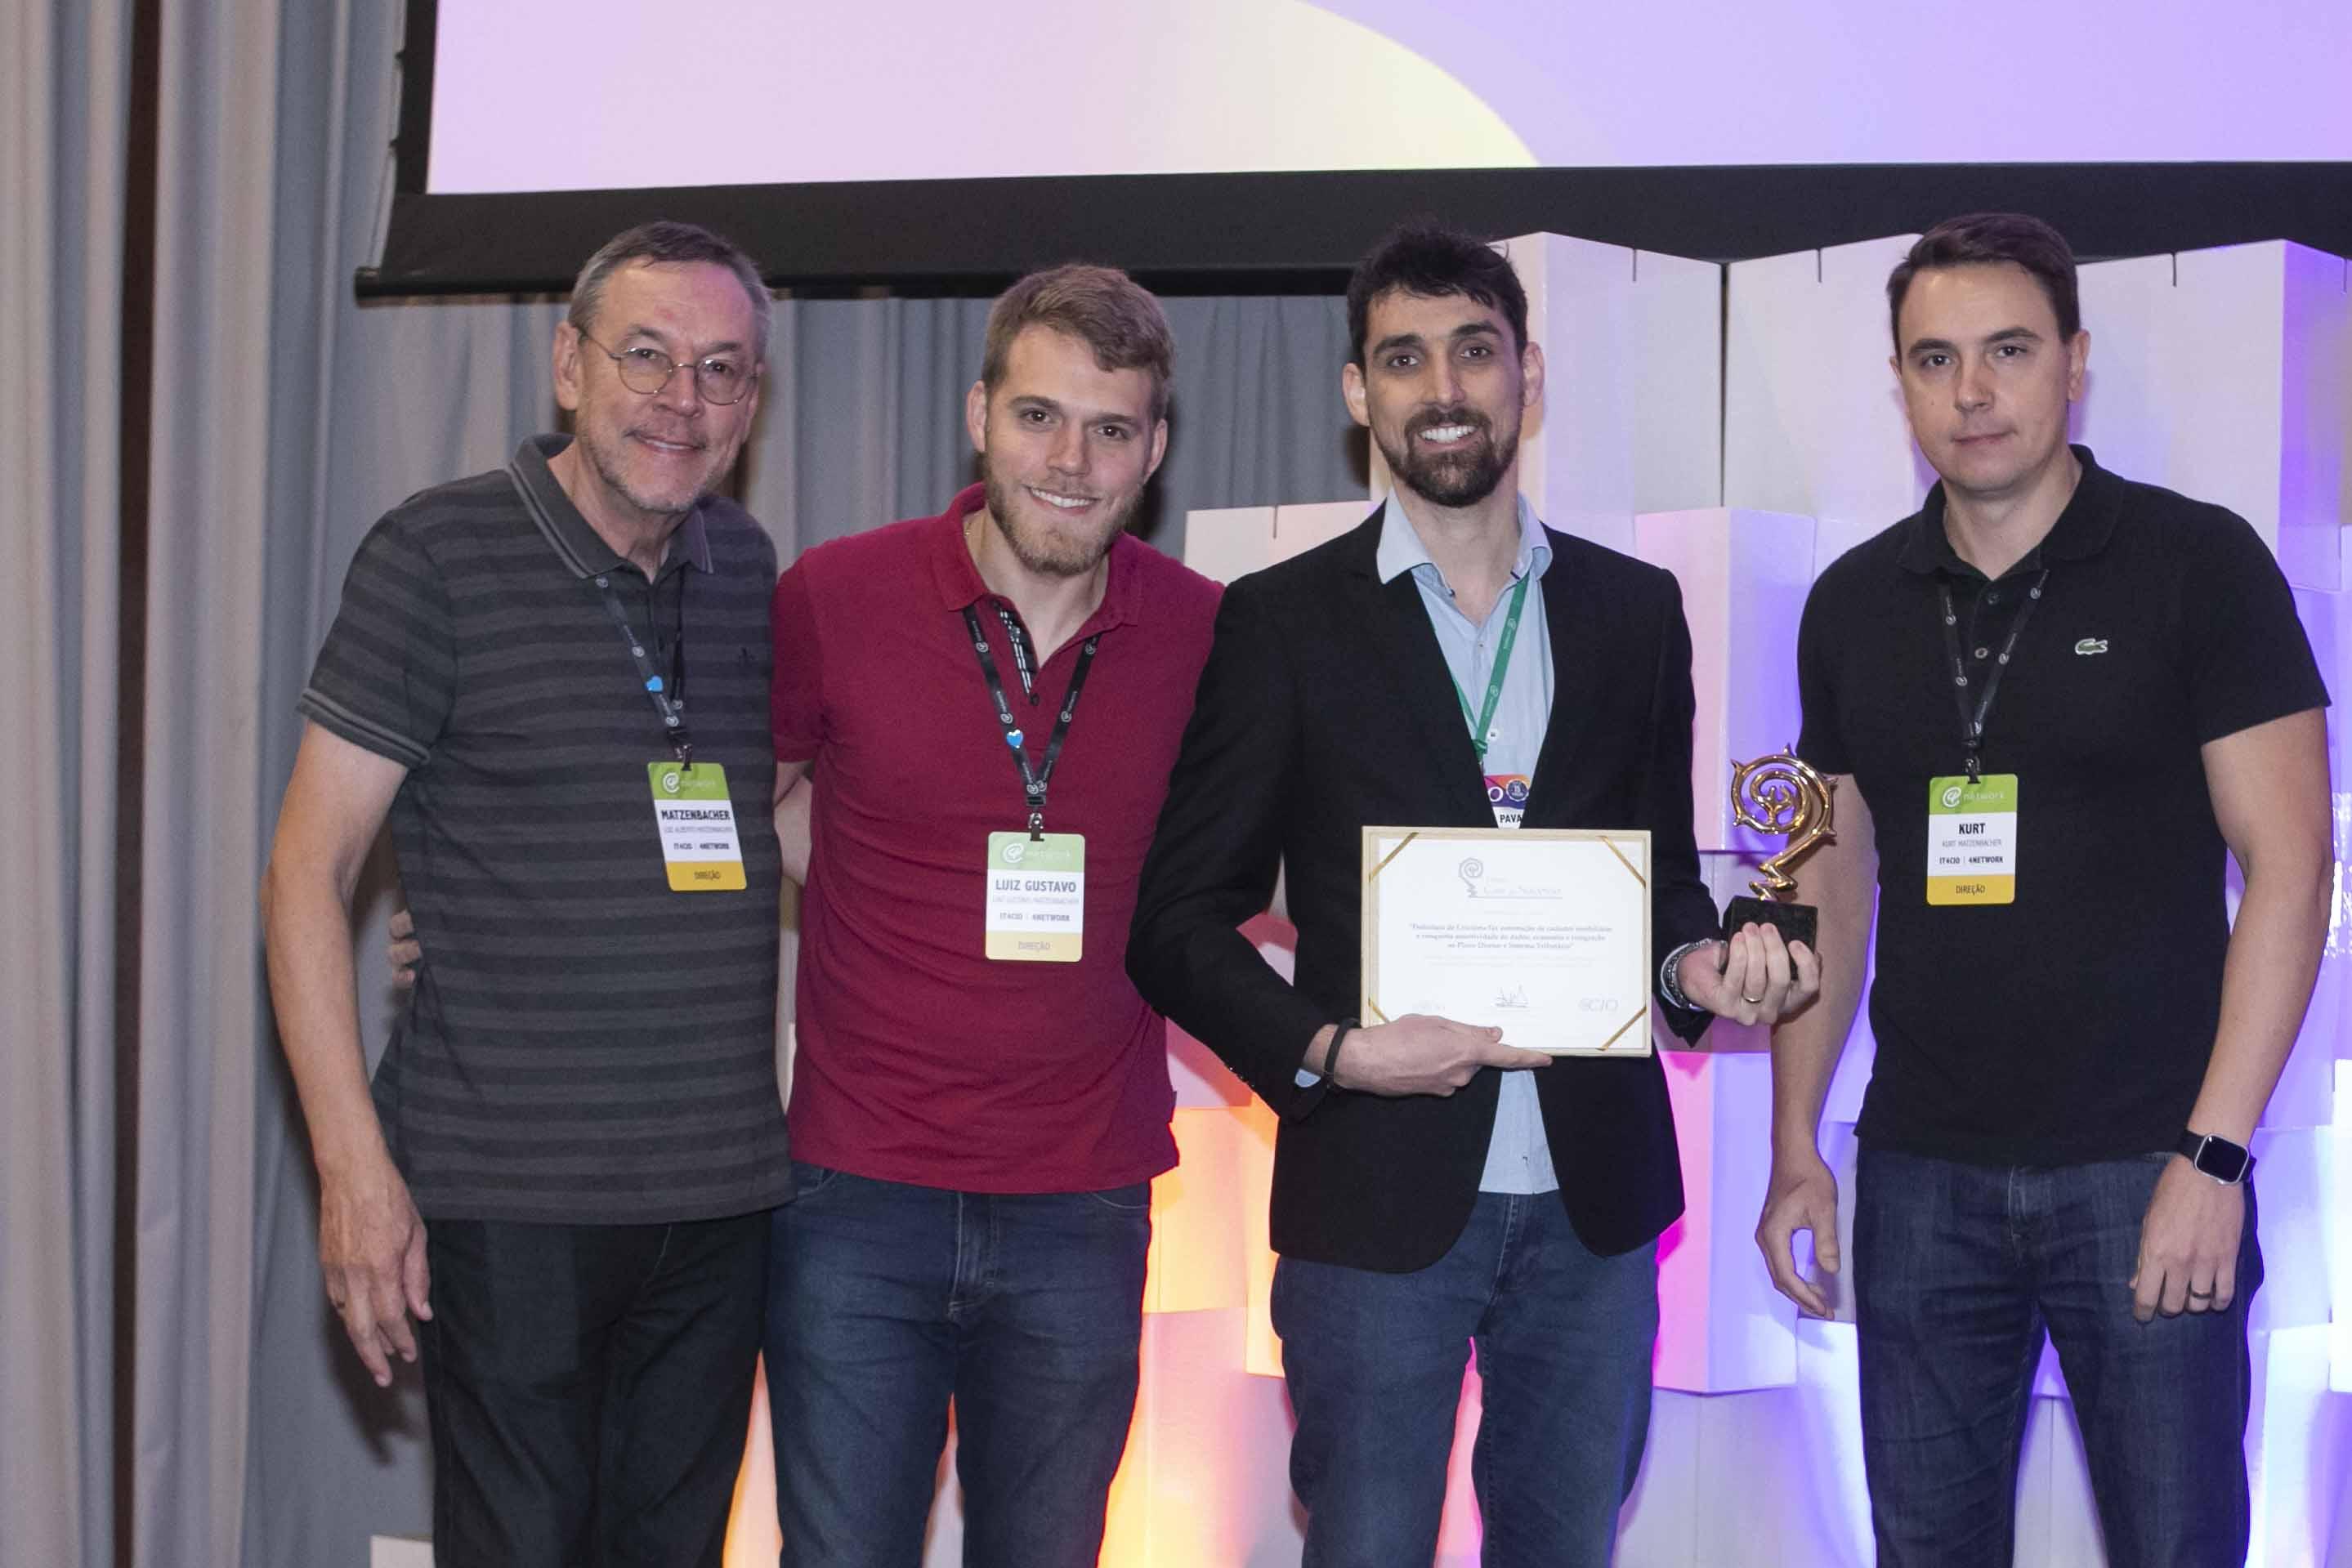 Sistema moderniza cadastro imobiliário de Criciúma e recebe prêmio estadual